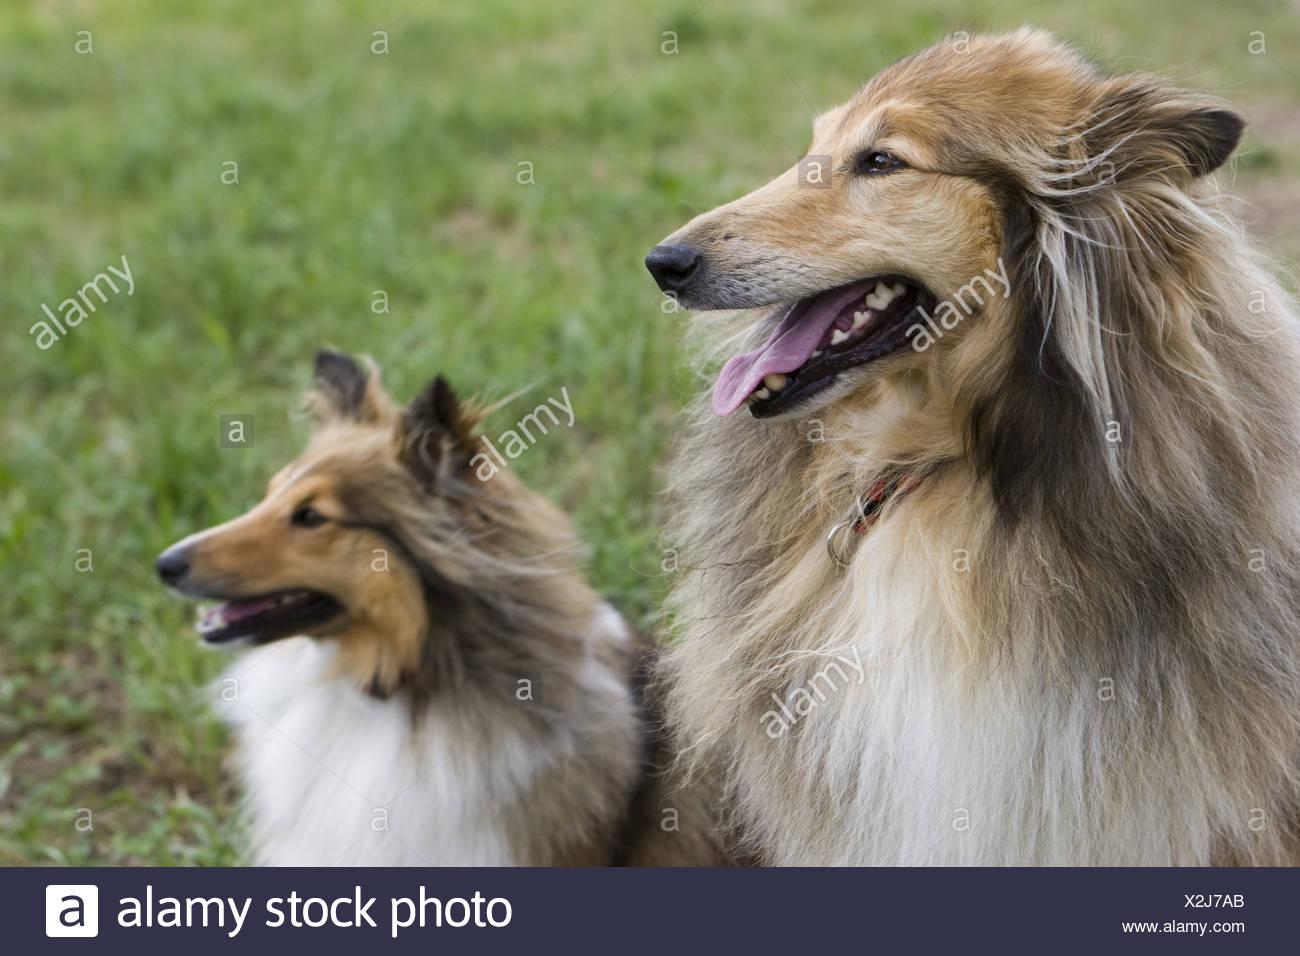 También llamado Long-Haired Rough Collie Collie, un largo revestido de raza de perro de tamaño mediano a grande, y un ovejero Shetland. Un aspecto similar, pero diferentes razas. Imagen De Stock